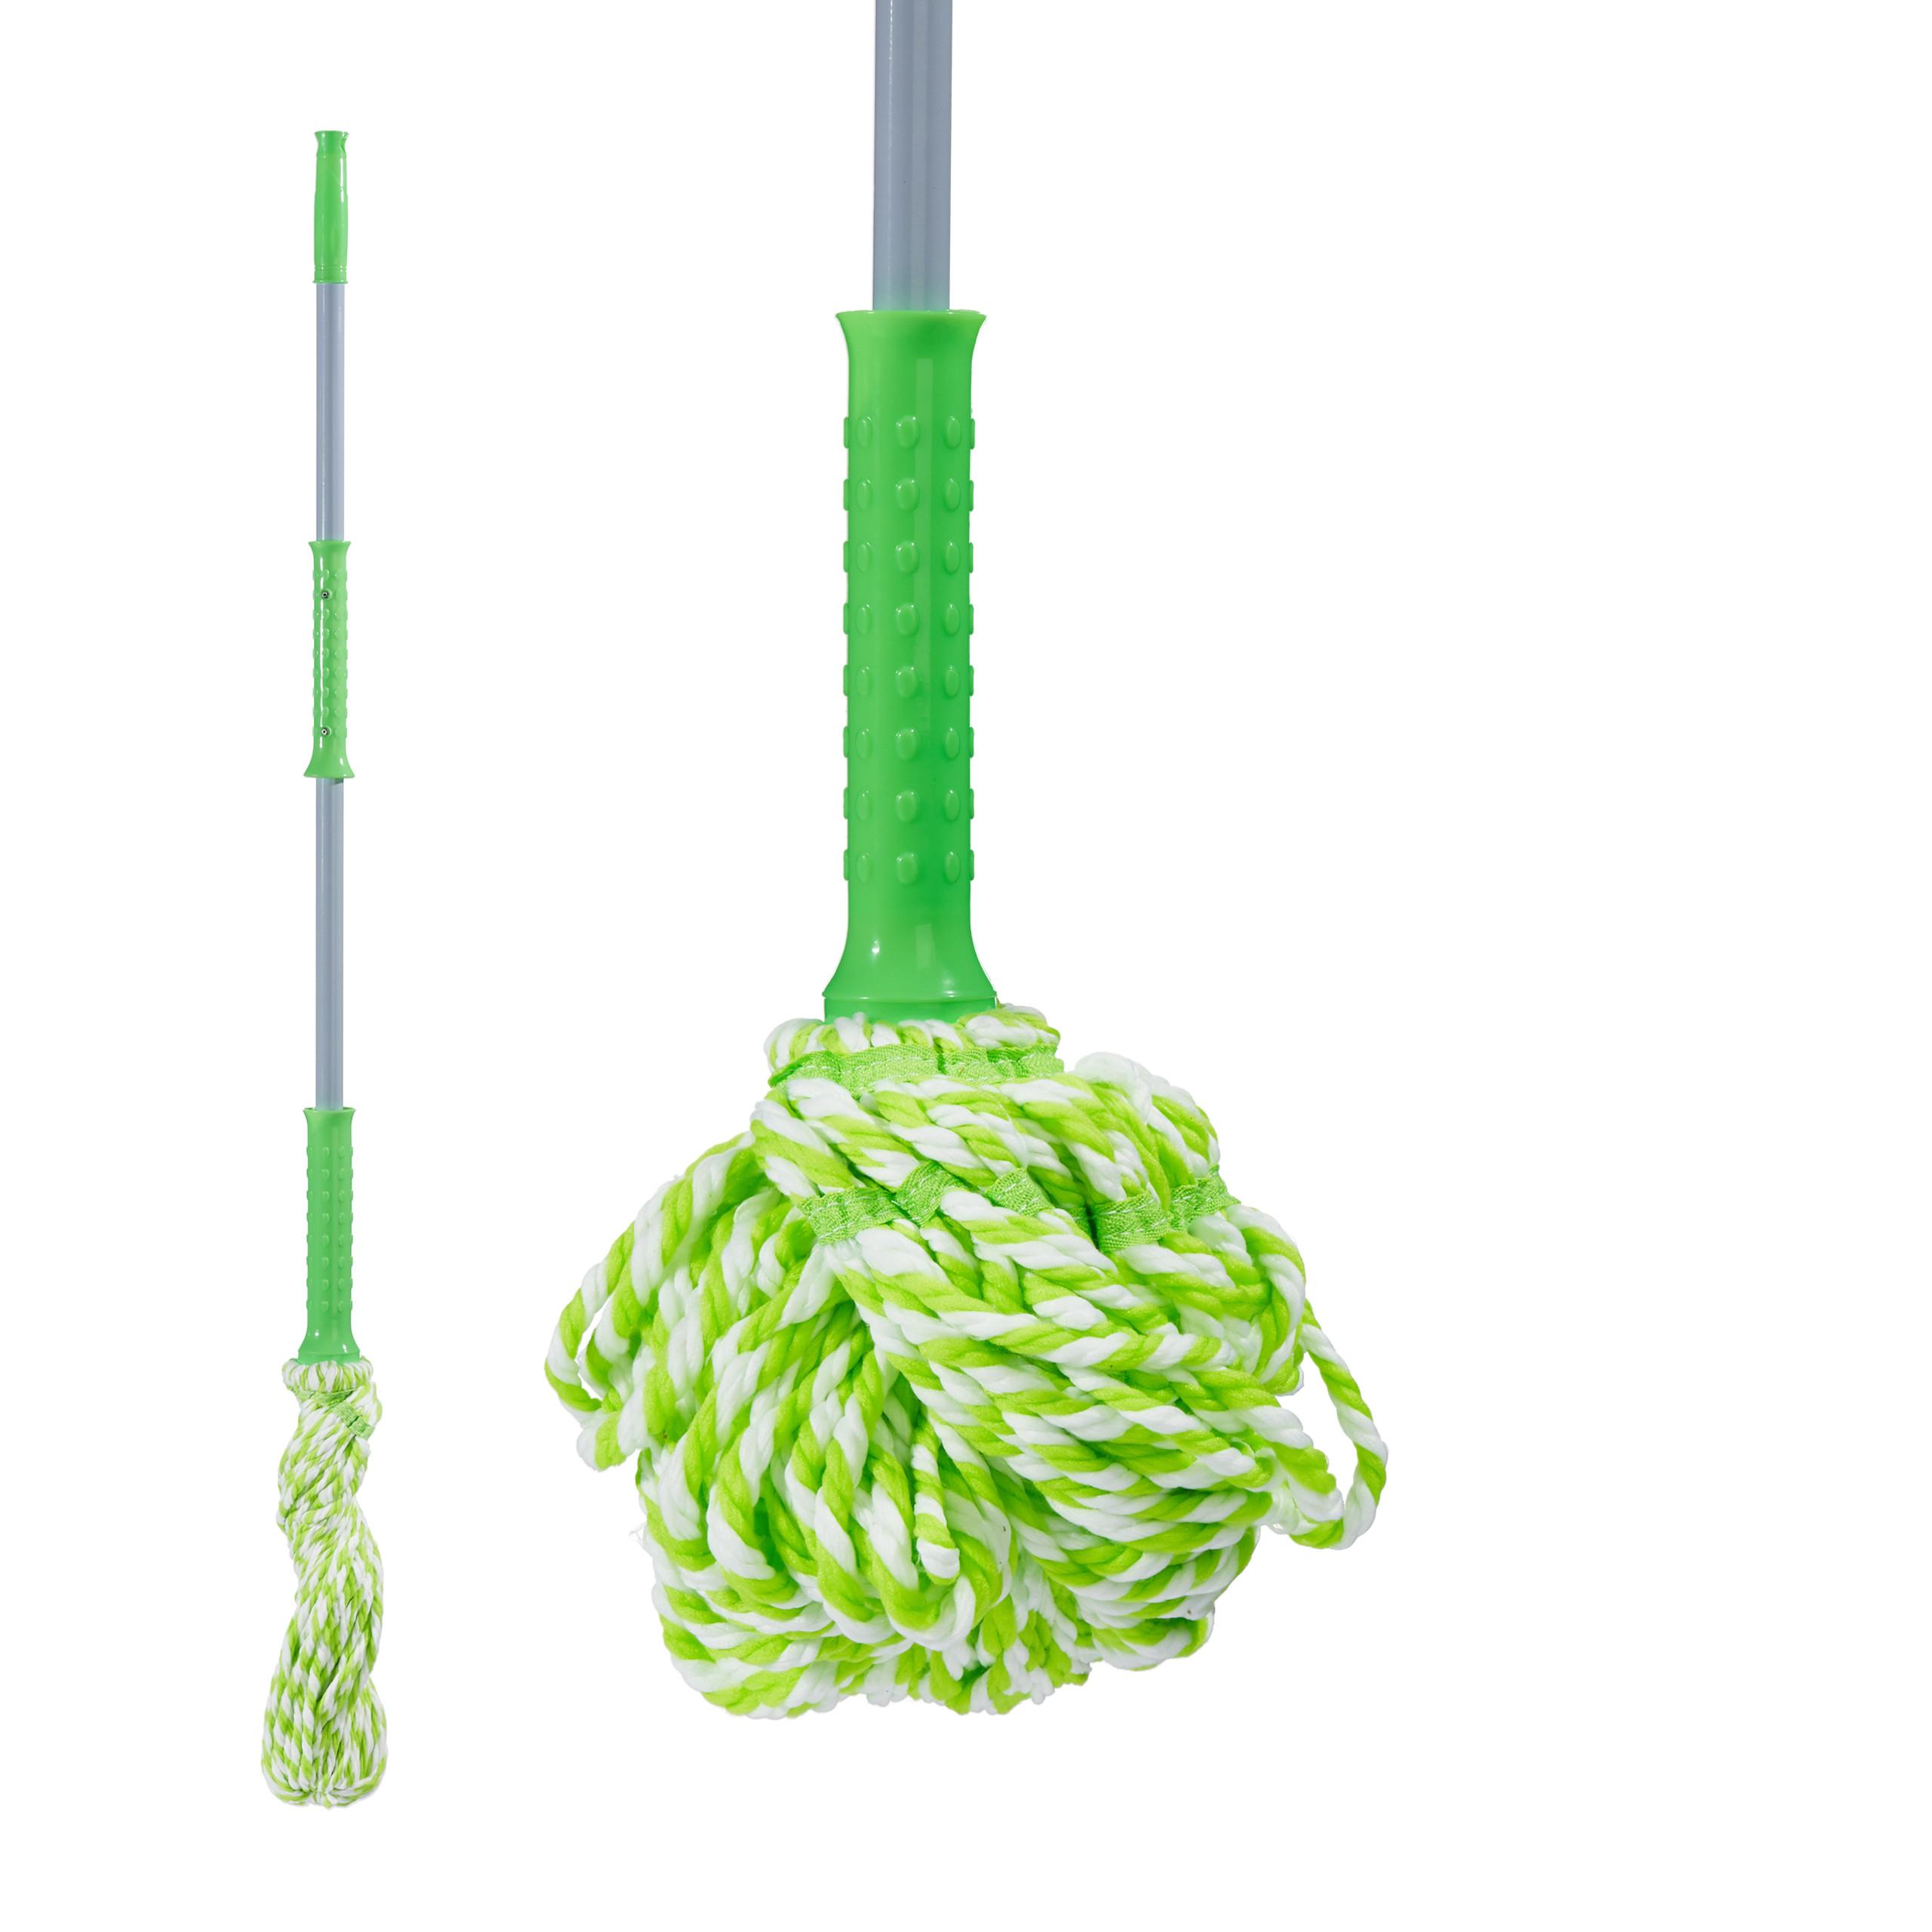 Wischmop mit Auswringfunktion Bodenwischer Mopp Mikrofaser Wischkopf Twist Mop